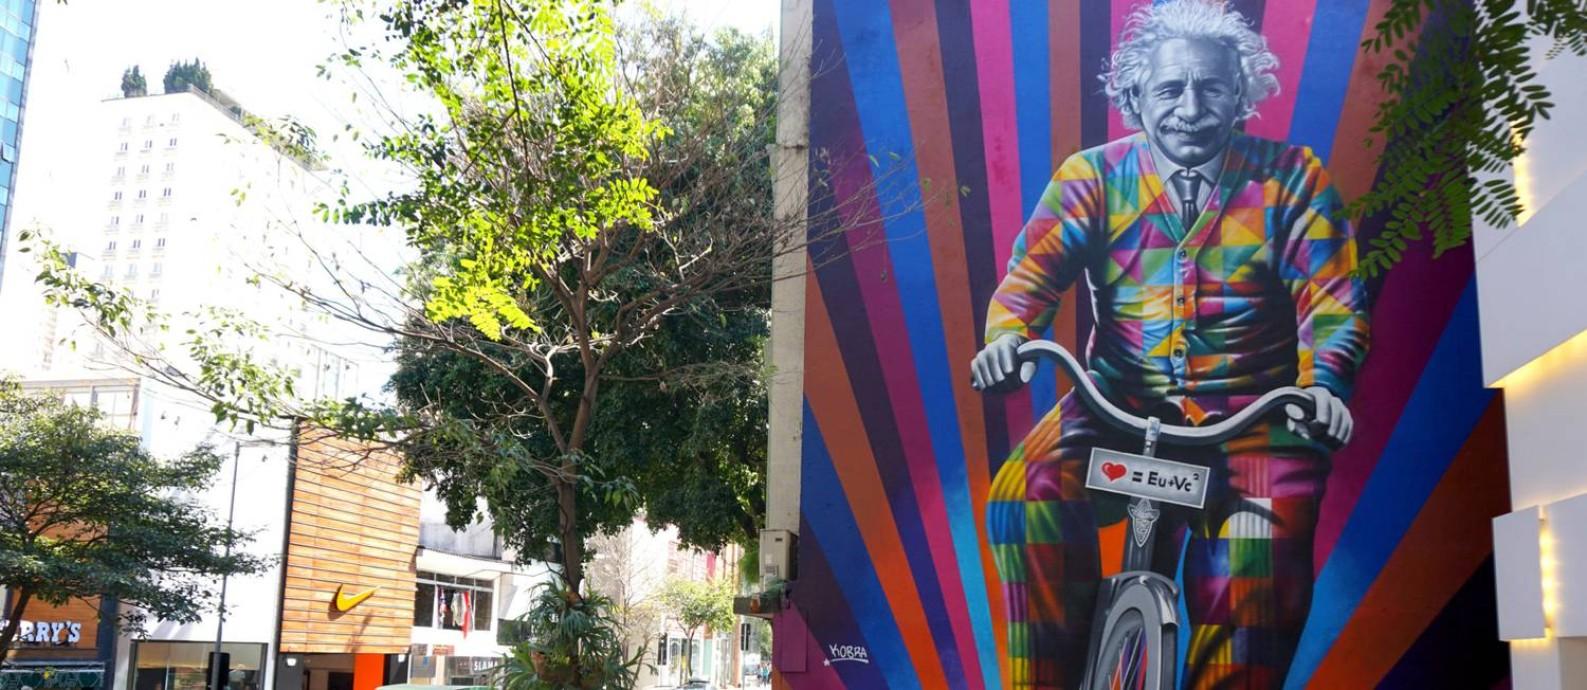 Mural 'Genial é andar de bike': obra foi apagada pela loja proprietária da fachada Foto: Divulgação